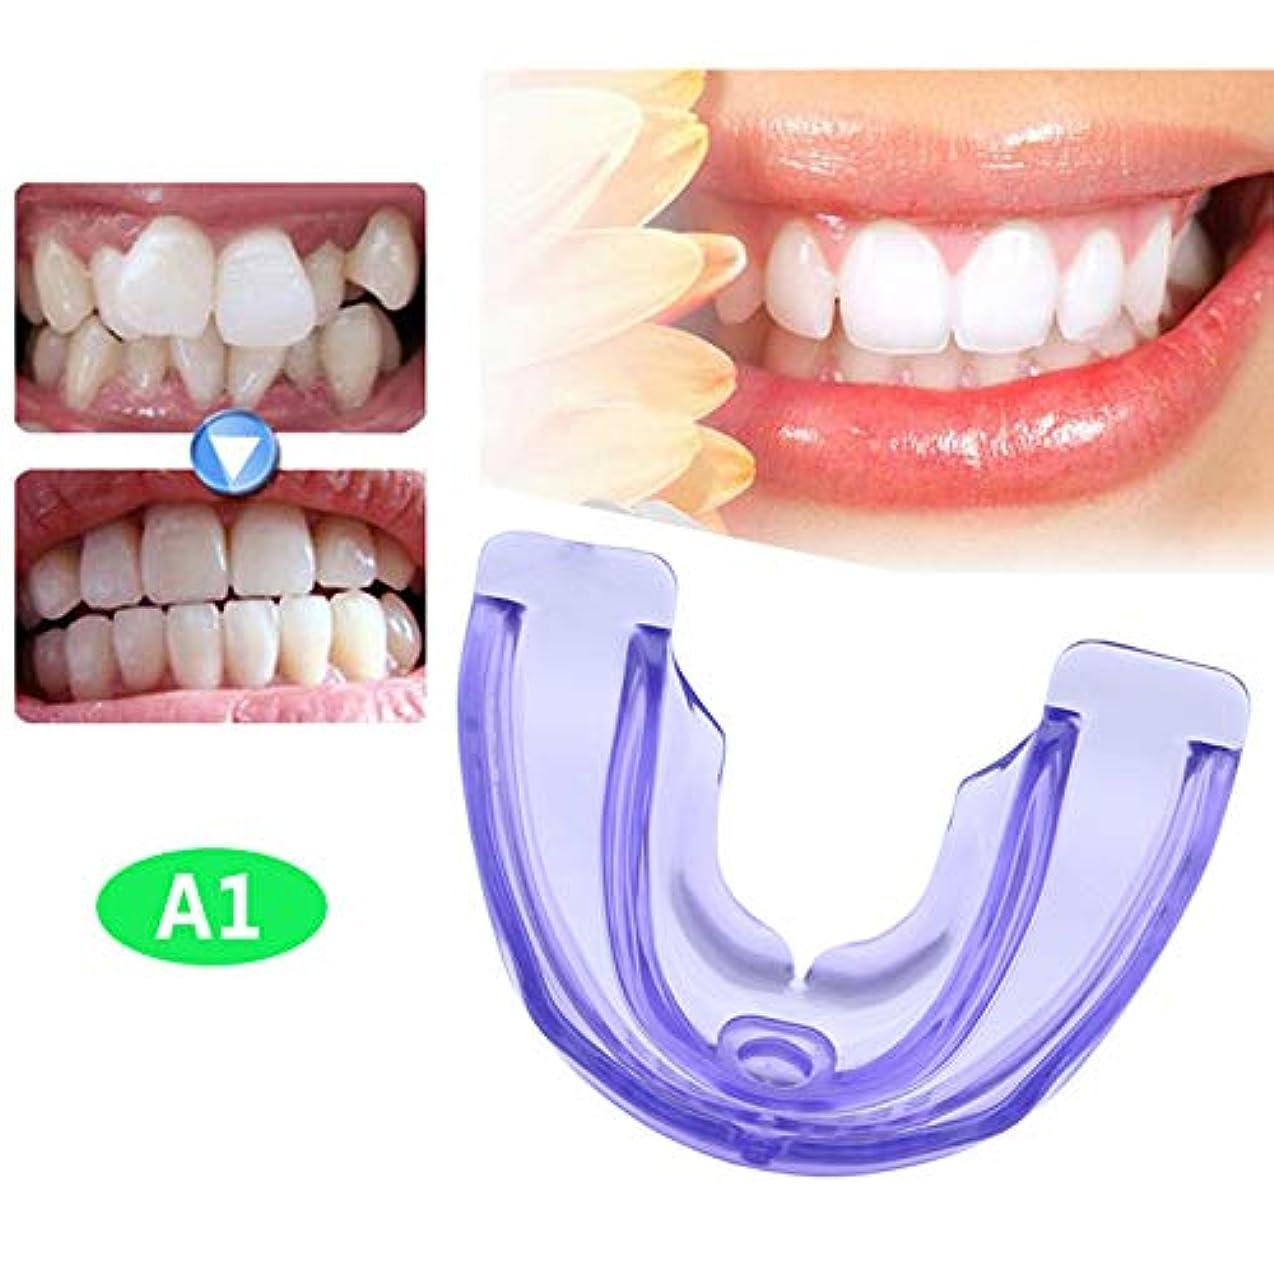 イサカパーチナシティ不均一歯合わせブレース、歯列矯正歯アプライアンスナイトマウスガードスリム、歯グラインダープロテクター,A1